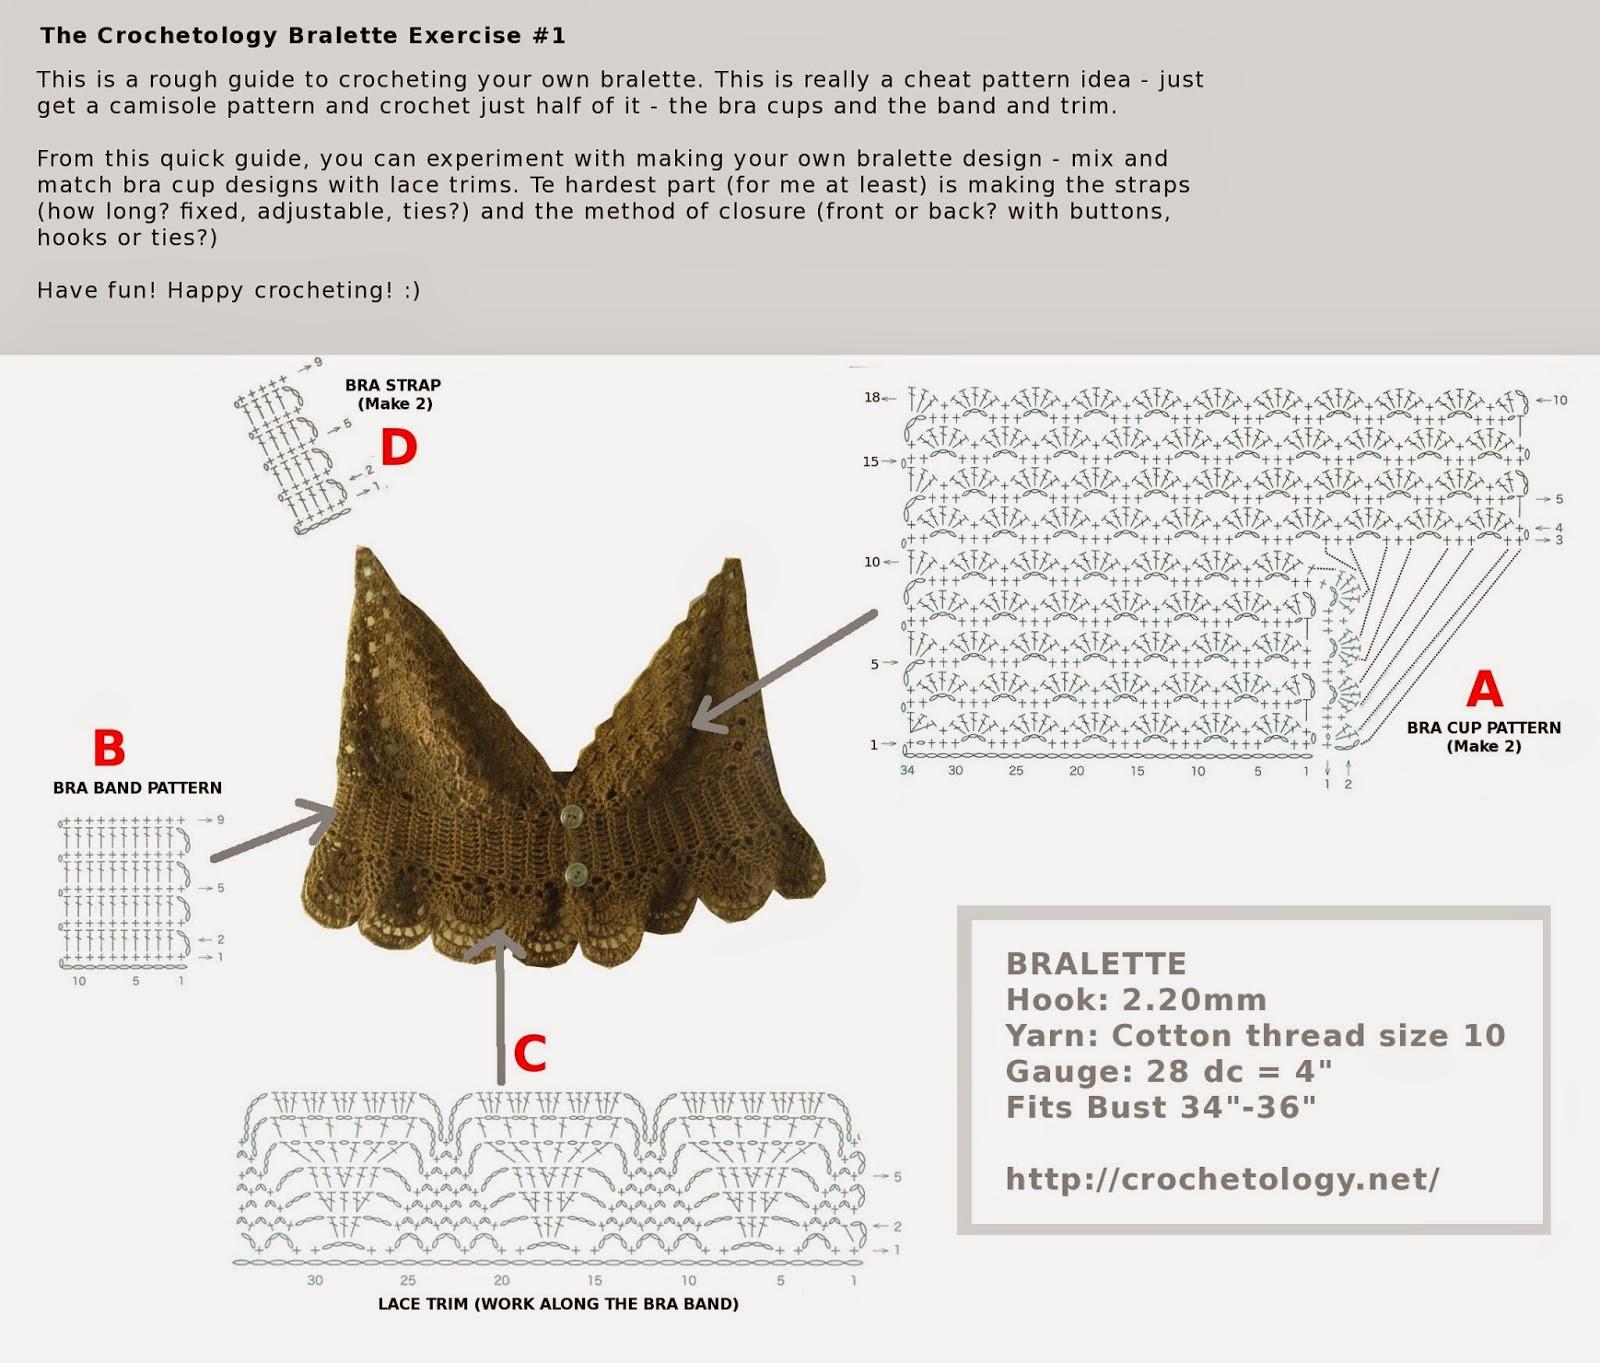 Crochetology By Fatima Crocheted Bralette No 1